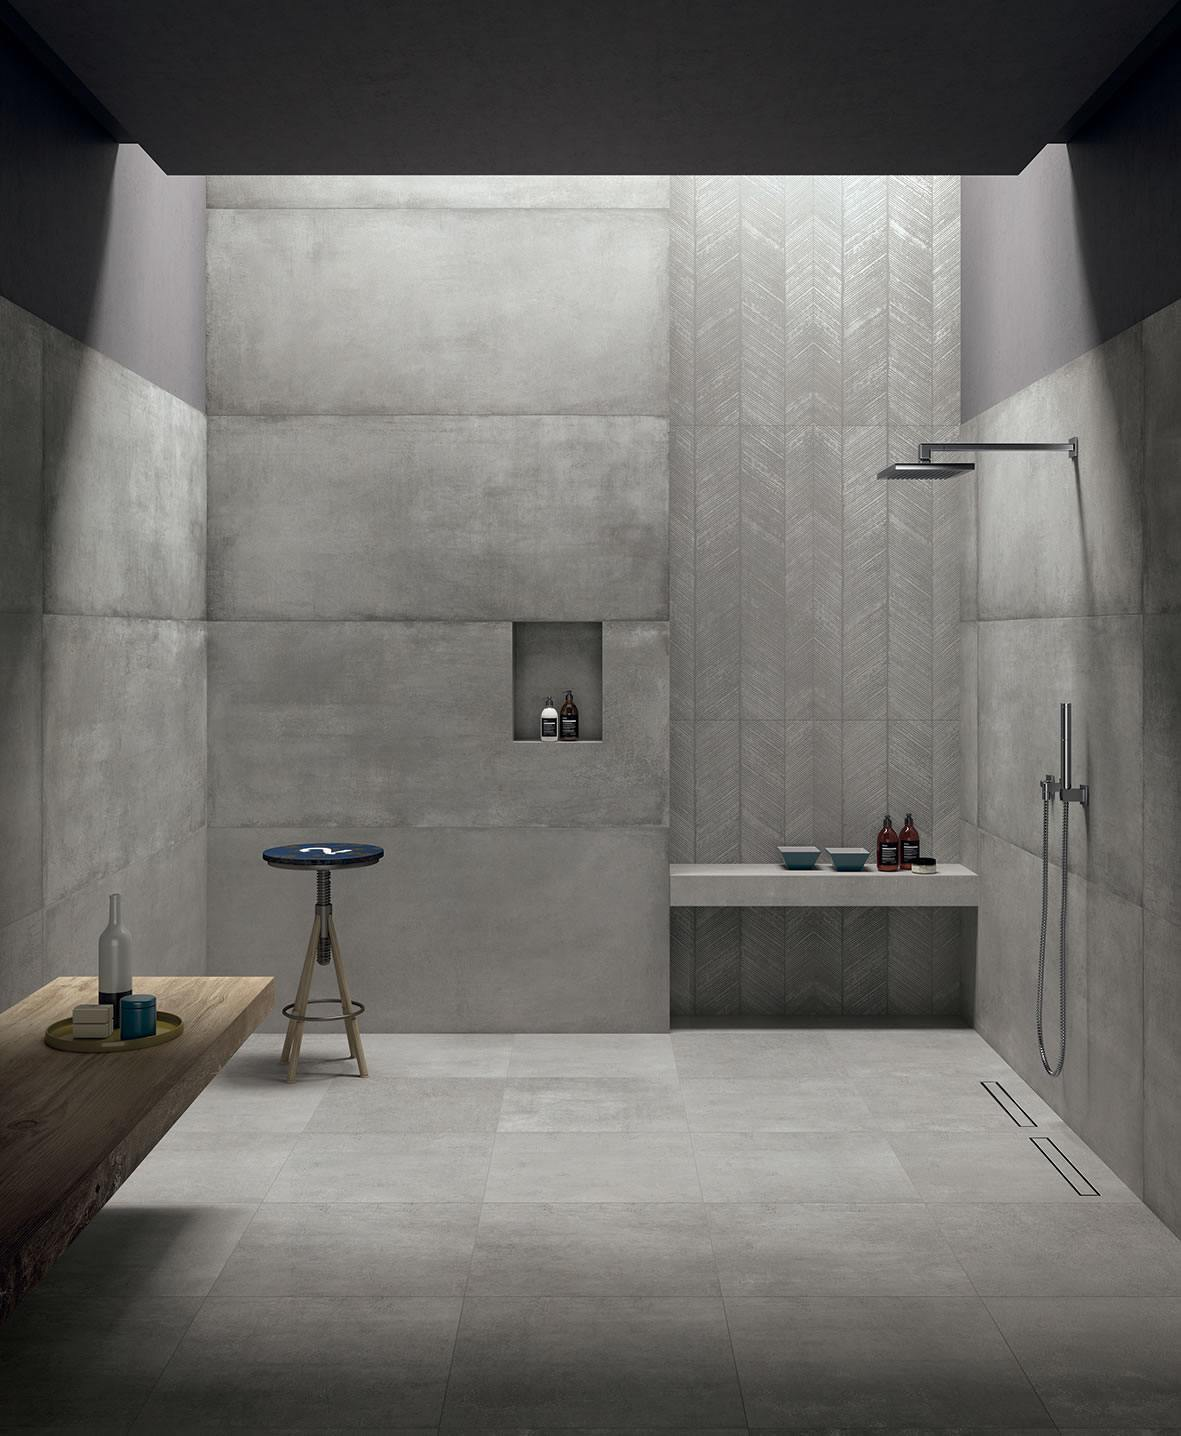 AMB-06_Kronos_Prima-Materia_Cemento_60x60-Rettificato-floor_-80x180-Rectify-60x120-struttura-lisca-wall.jpg